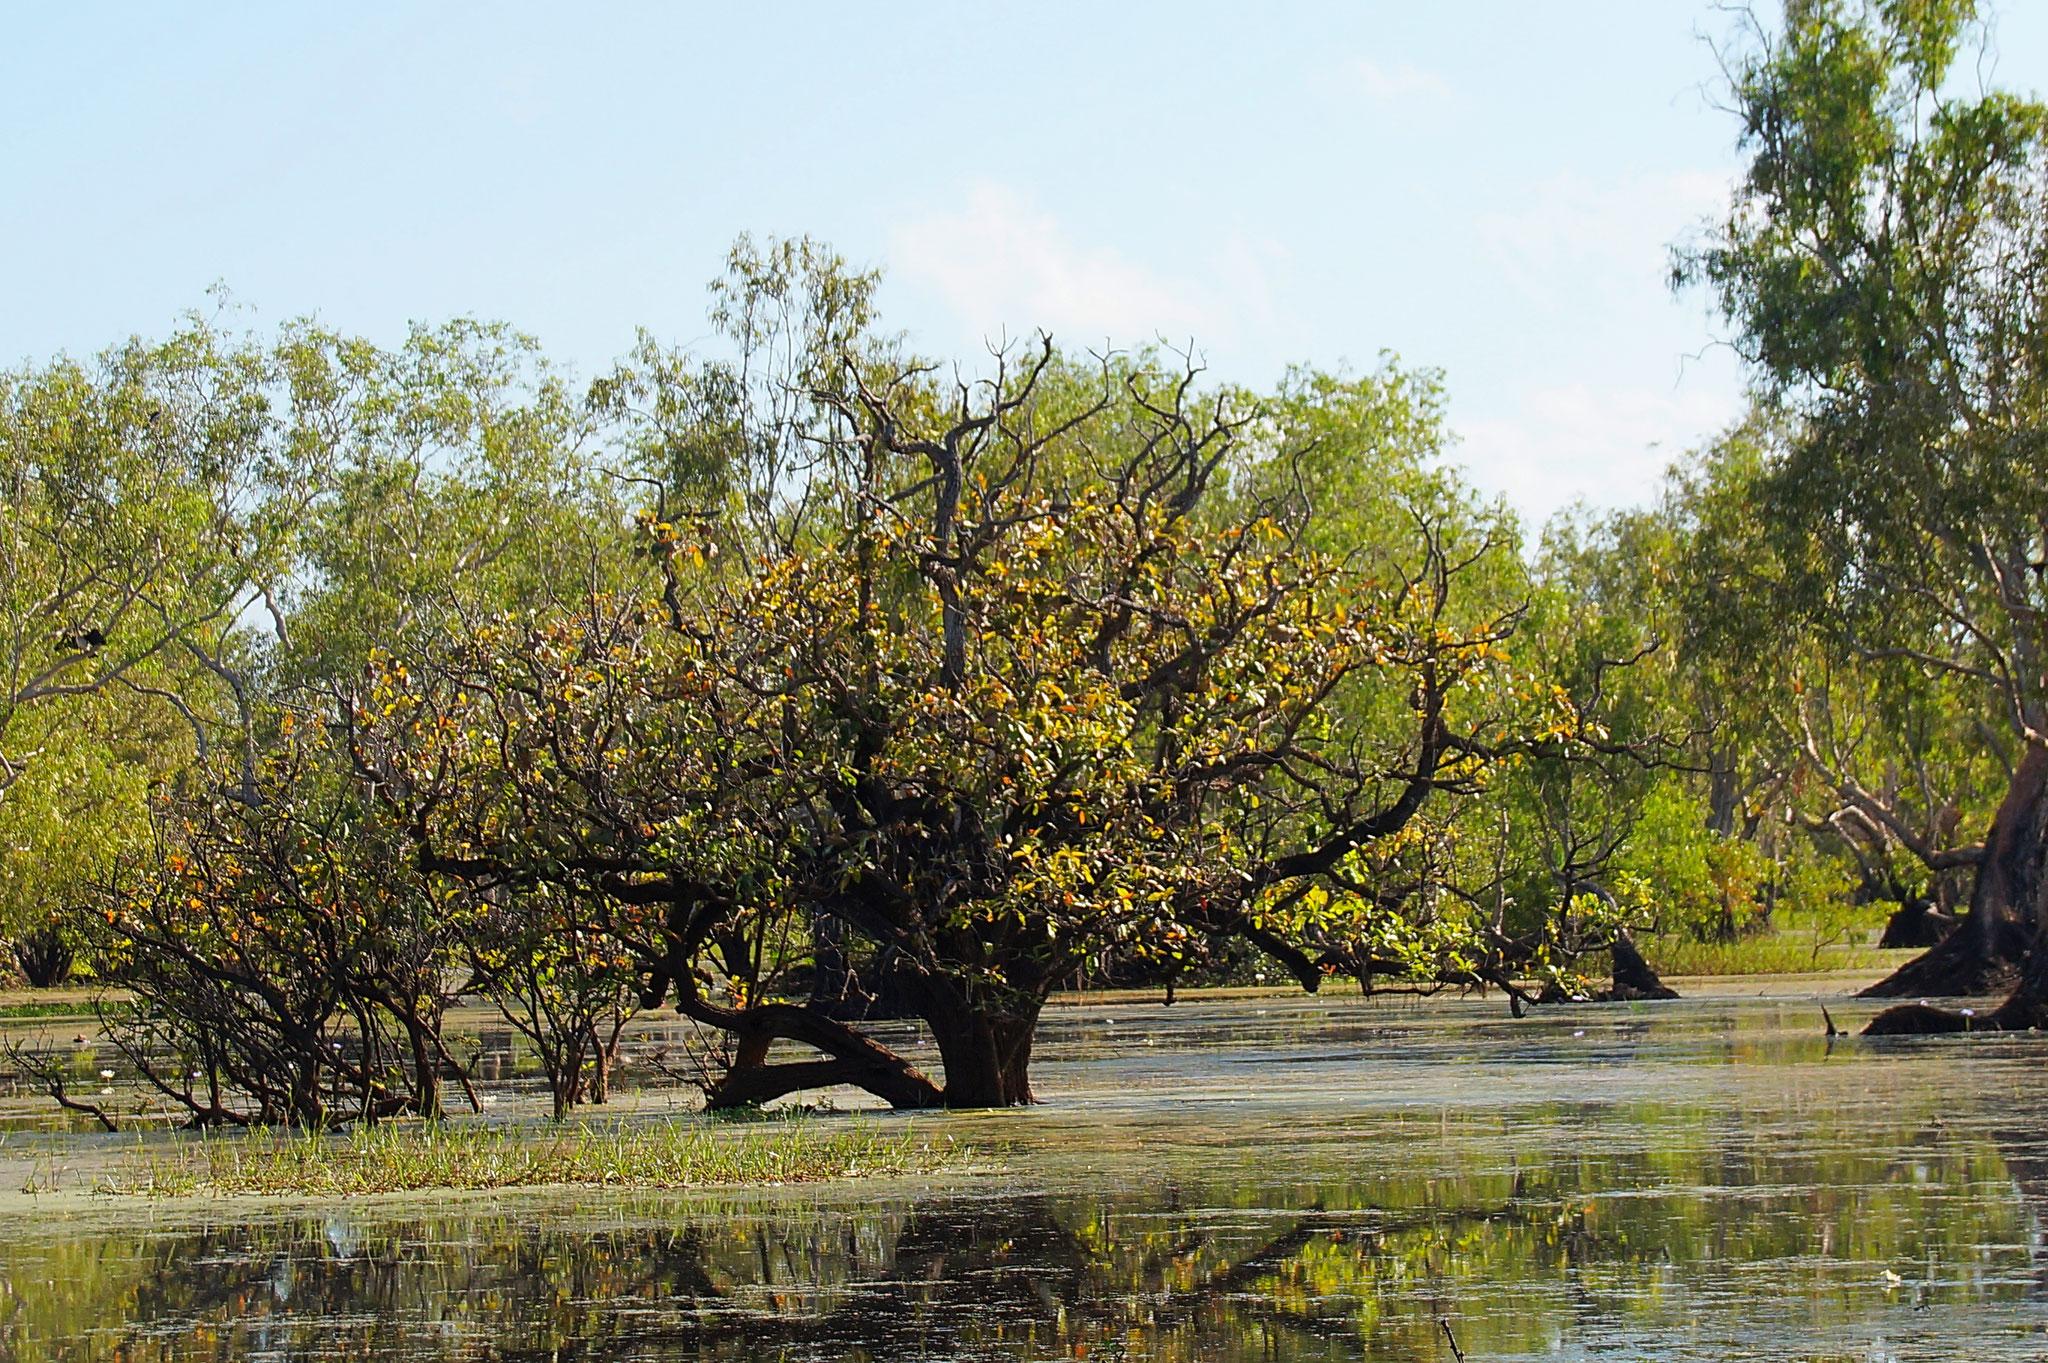 Die Mary River Wetlands sind Teil der 10.000 Quadratkilometer großen Floodplains des Northern Territories.